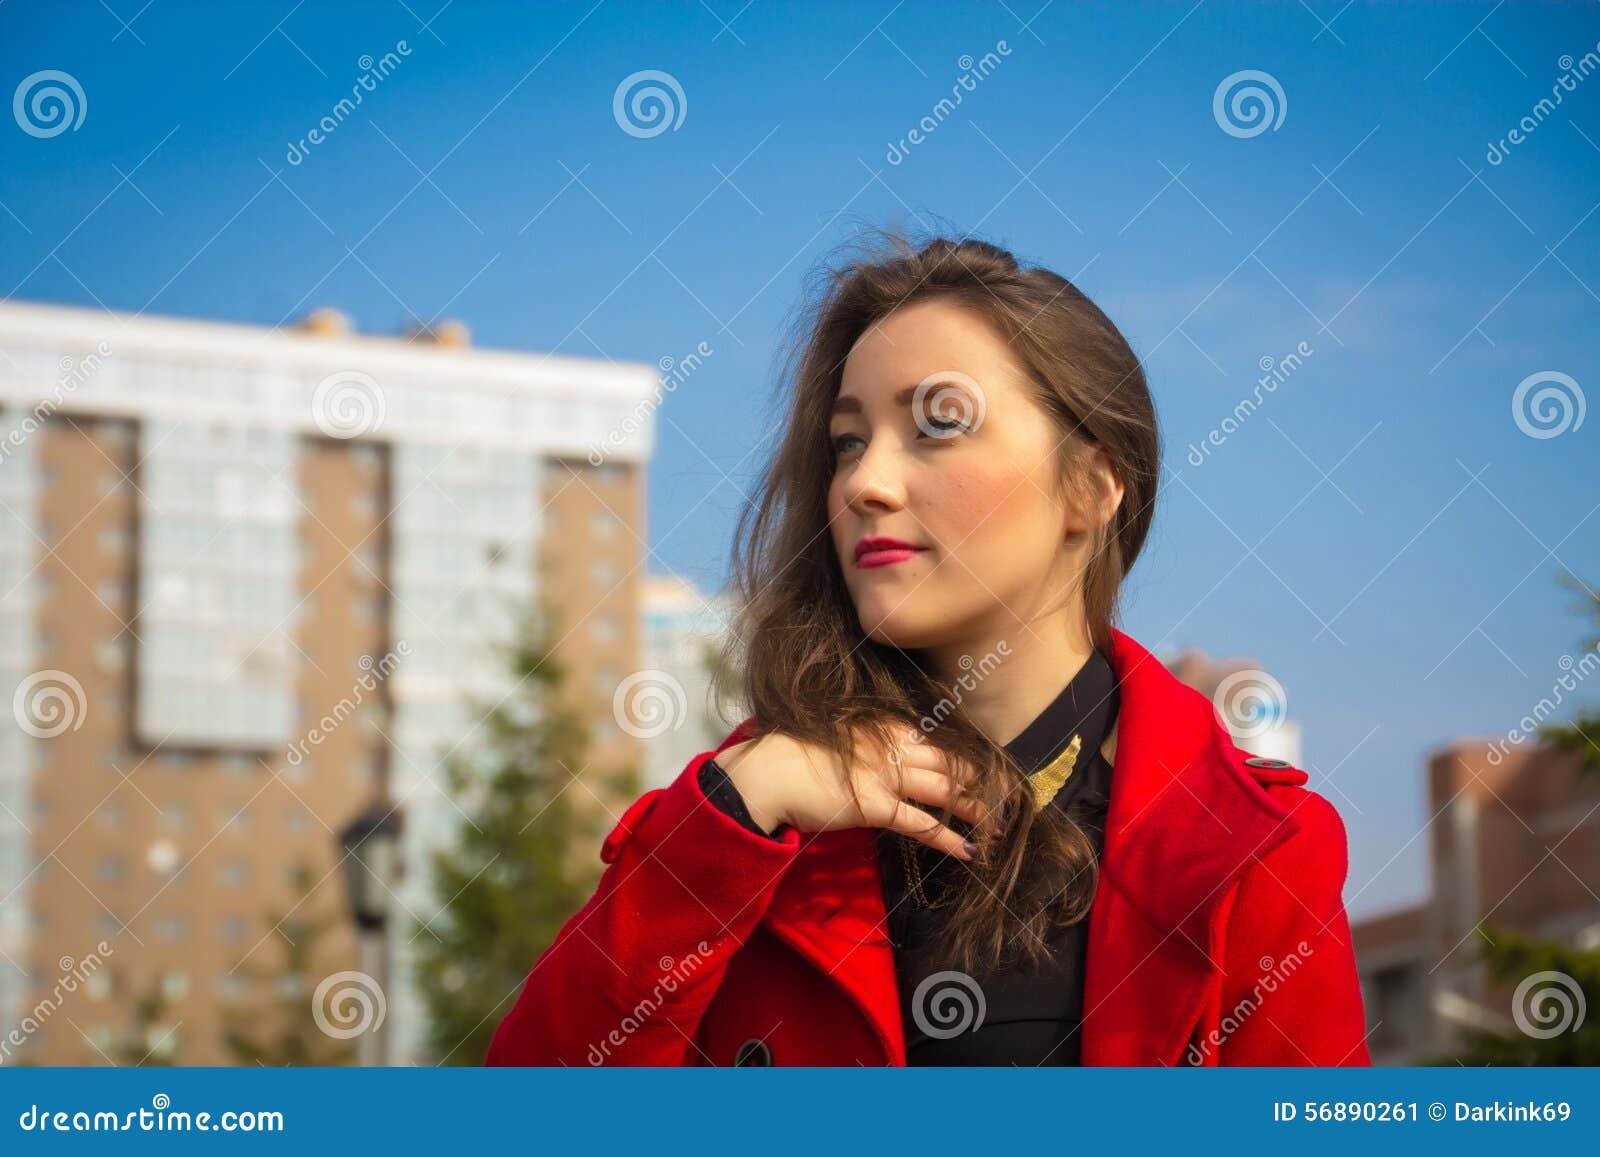 Schönes Mädchen in einem roten Mantel auf einem Hintergrund von Häusern